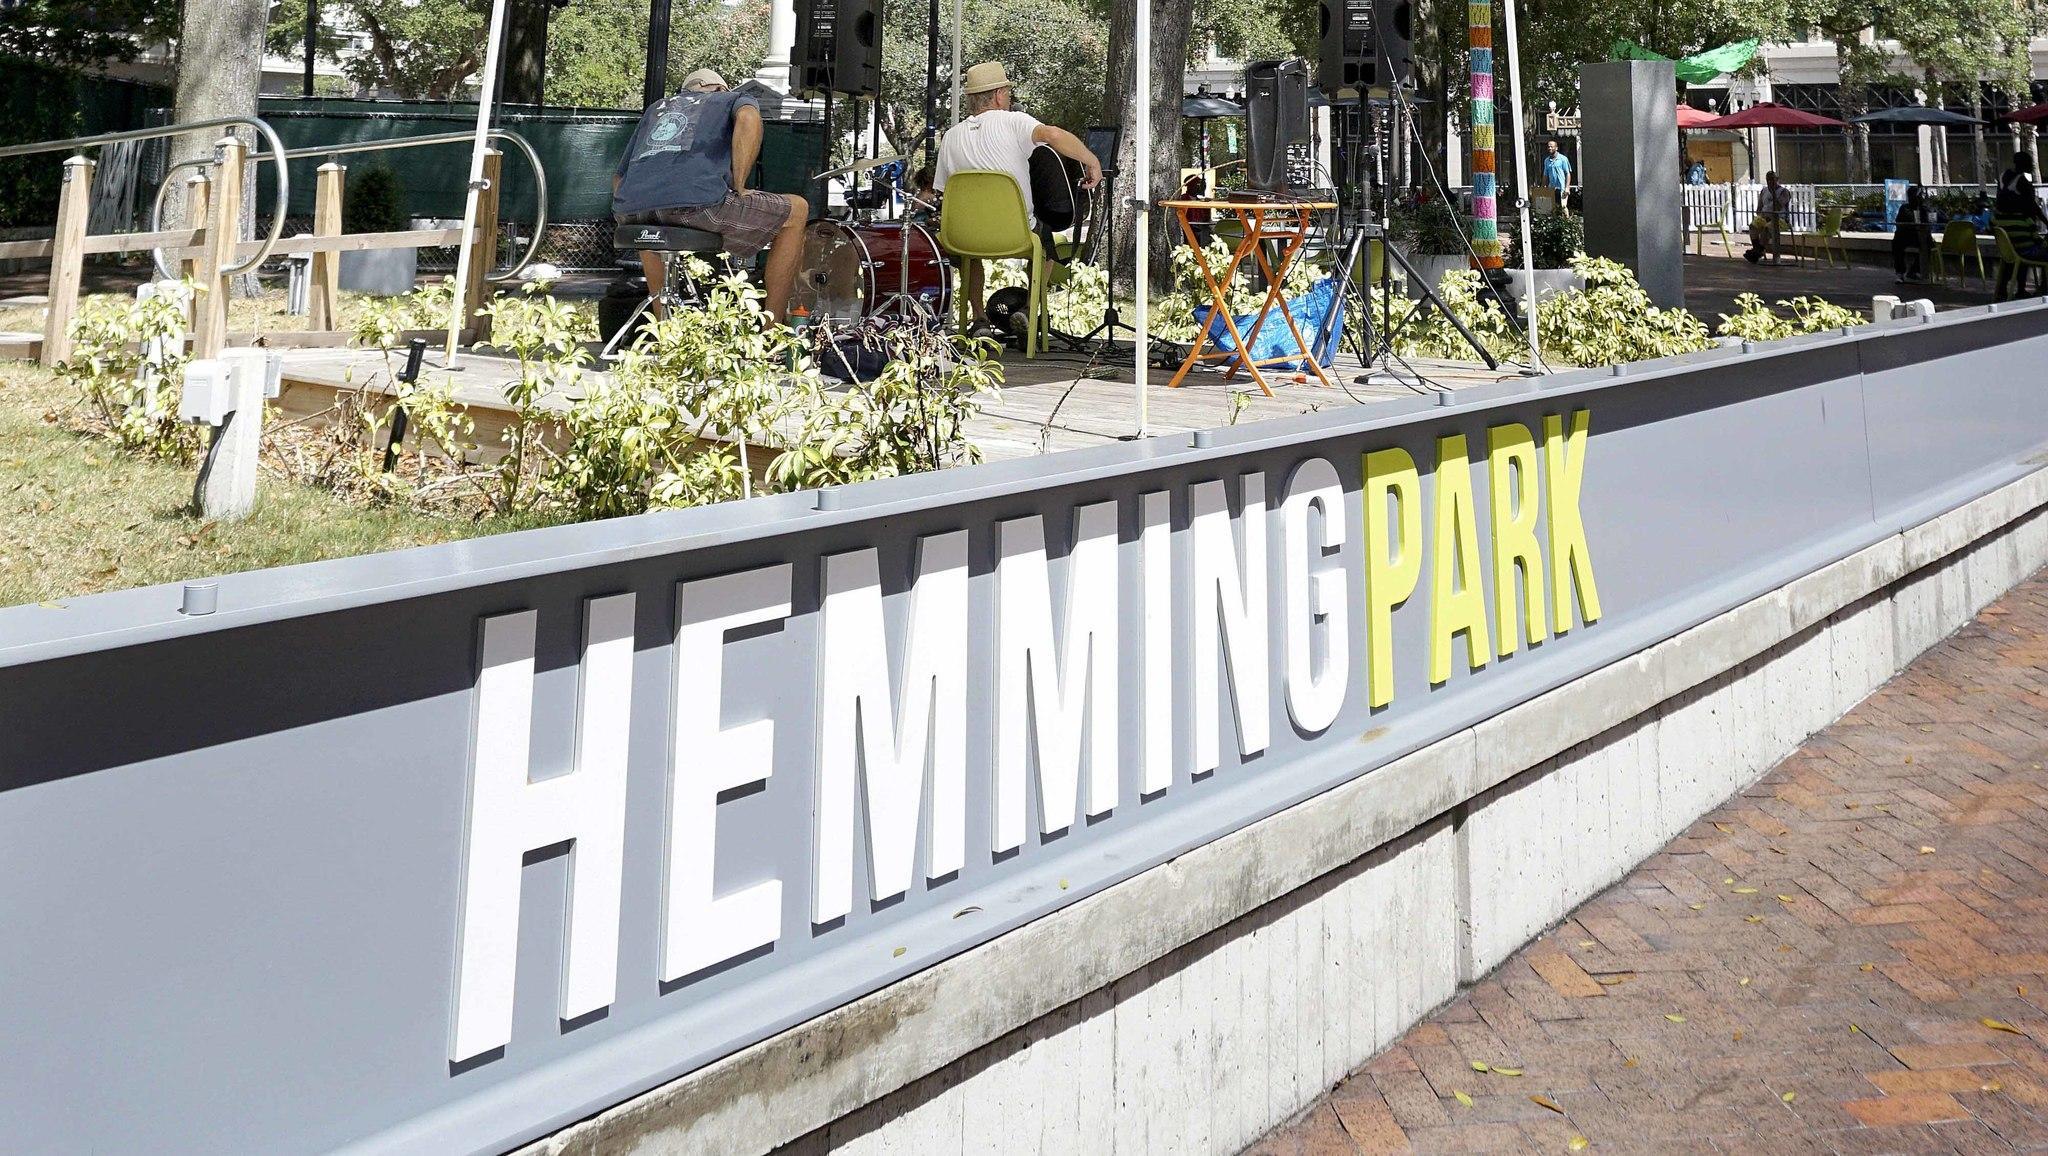 hermmings-park.jpg